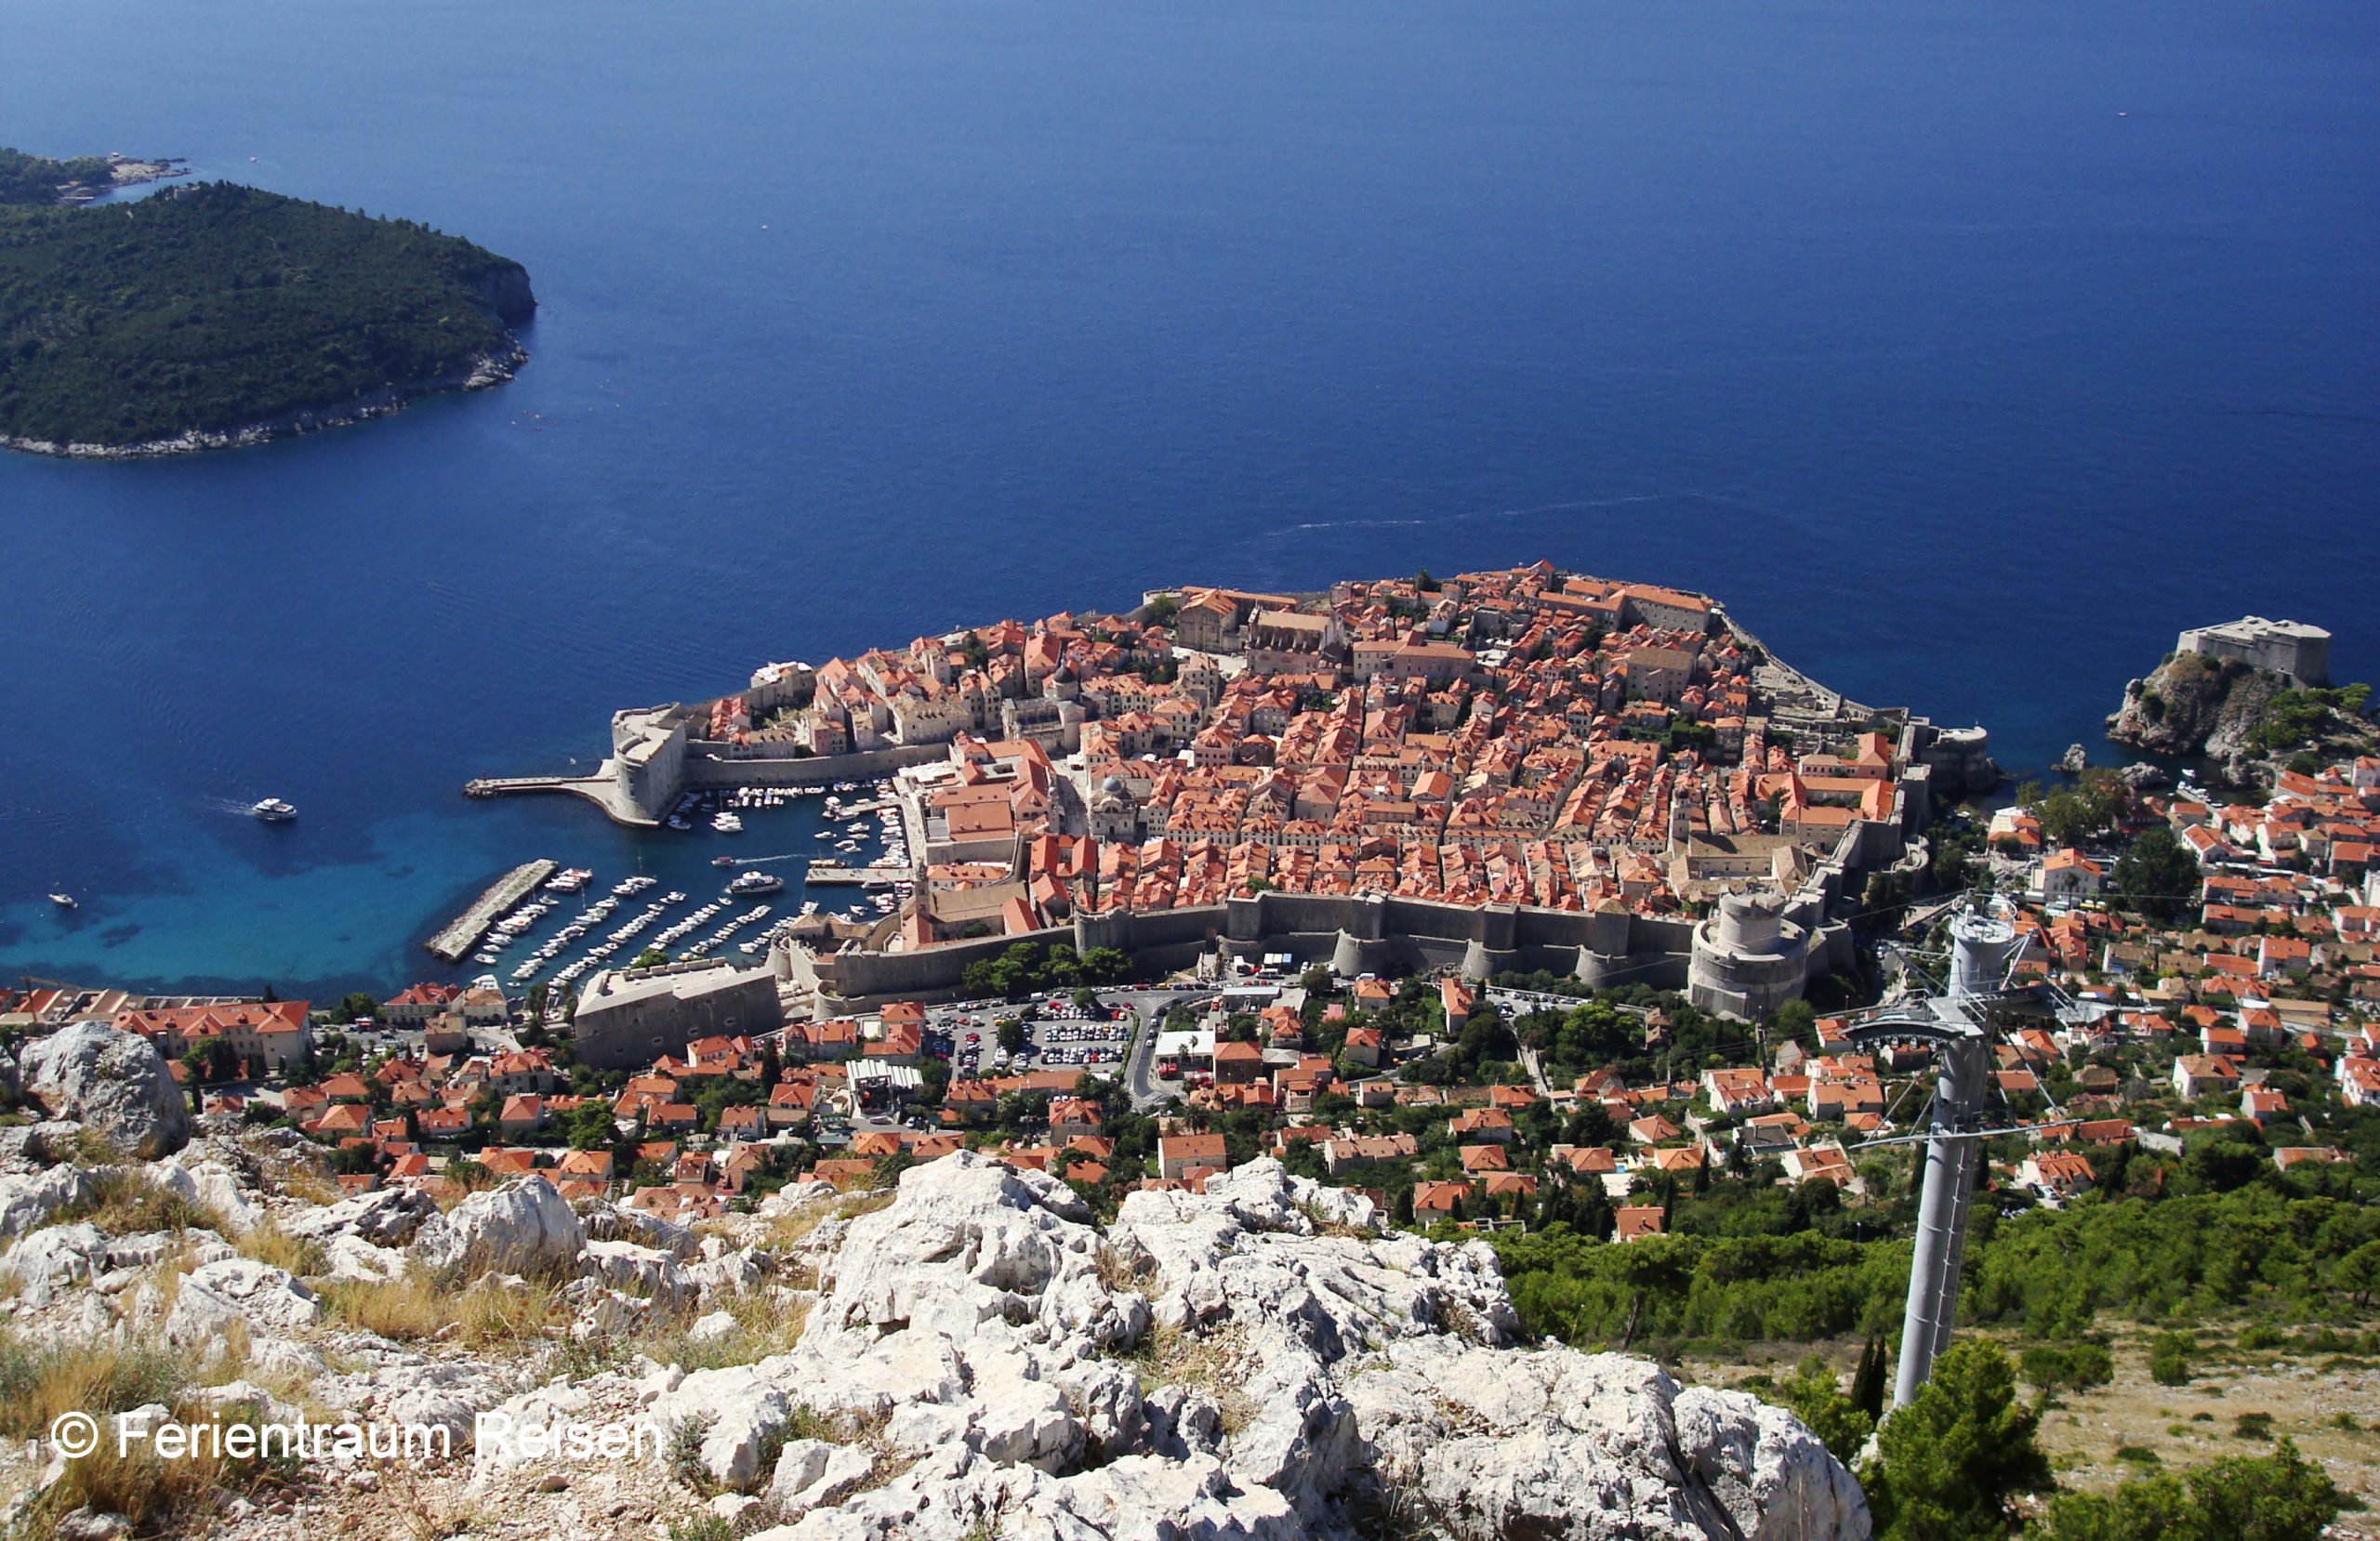 Ferientraum Reisen Adria Blick auf Dubrovnik